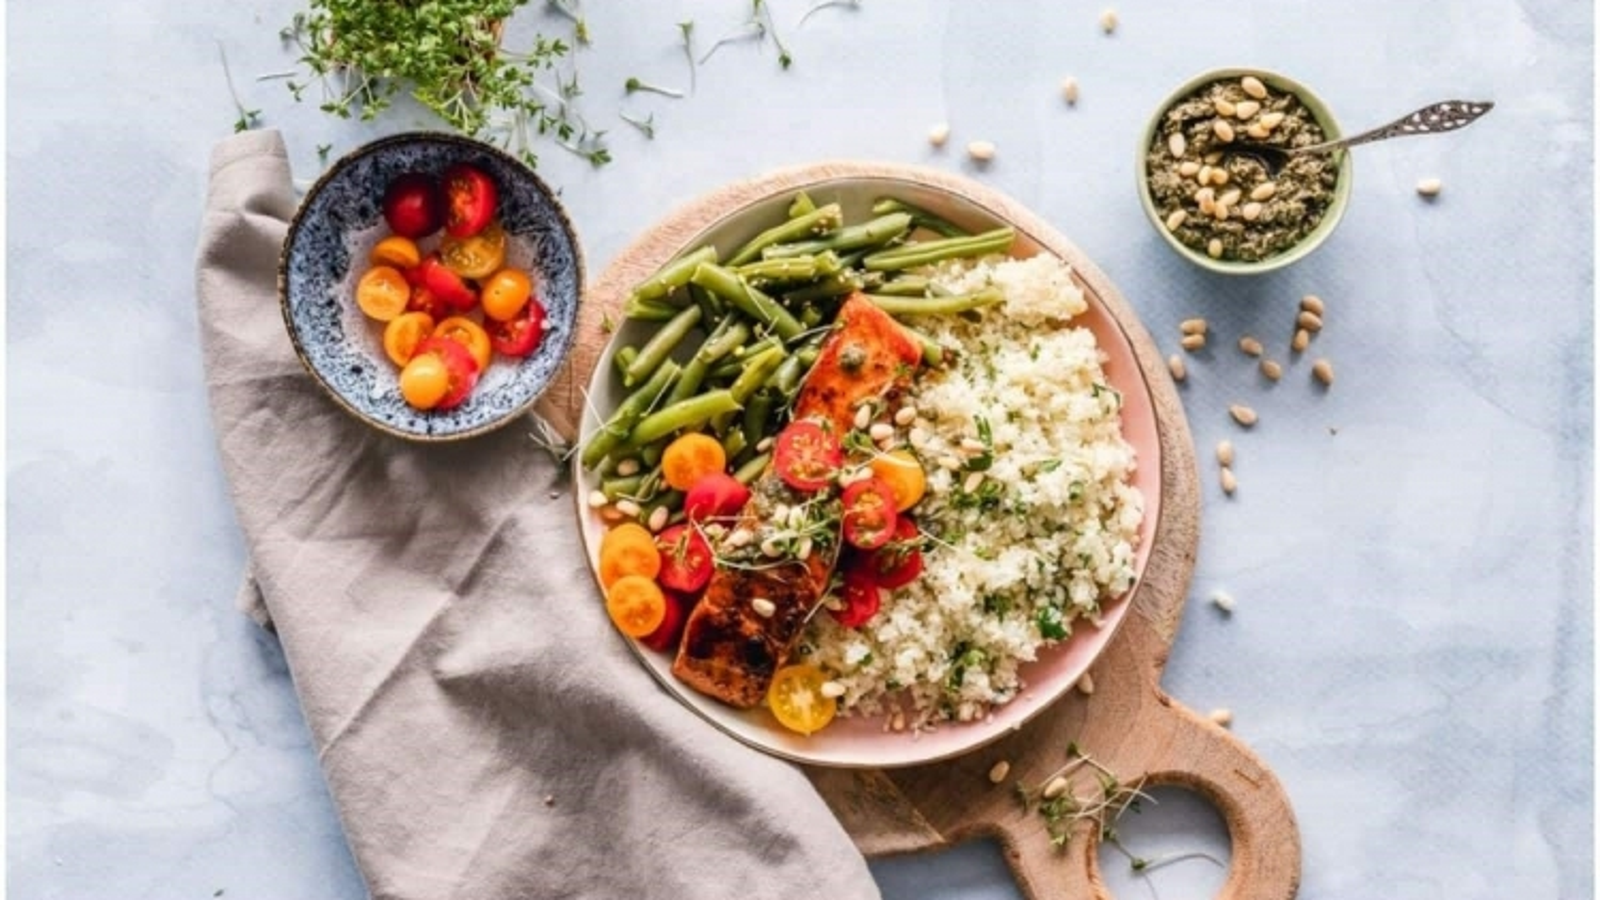 5 thực phẩm tốt cho tiêu hóa mà không nhiều calories